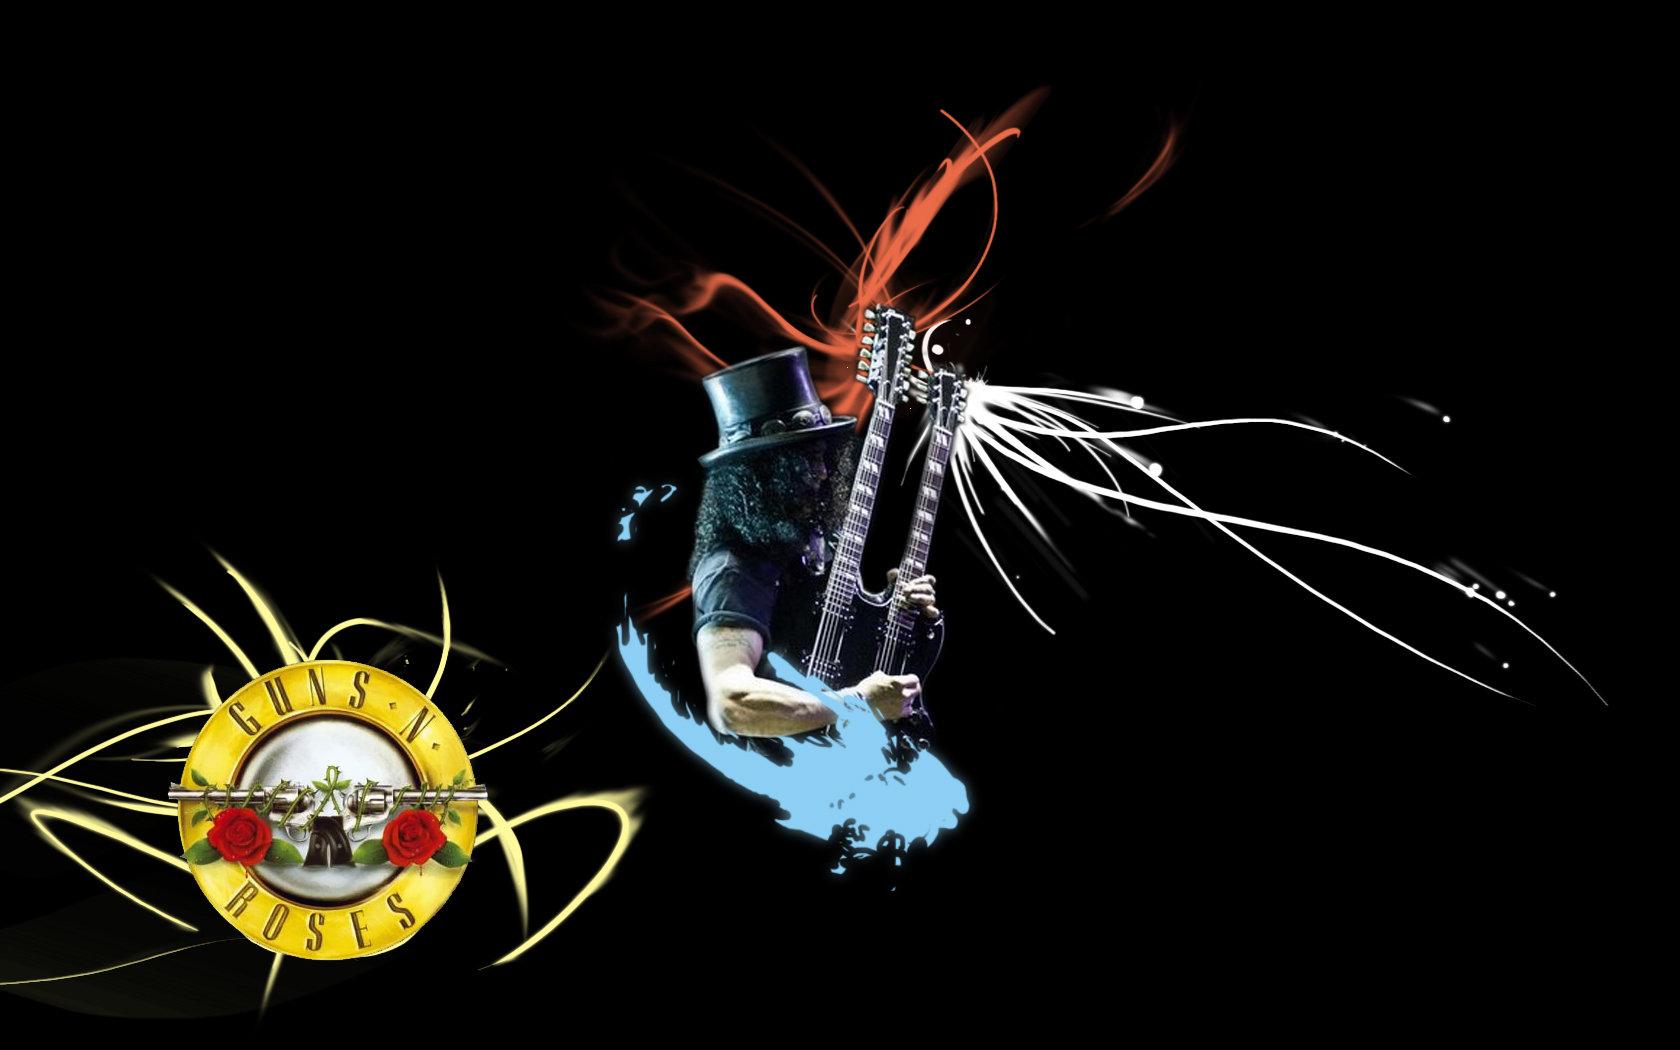 Download Hd 1680x1050 Guns N Roses Desktop Wallpaper Id 256850